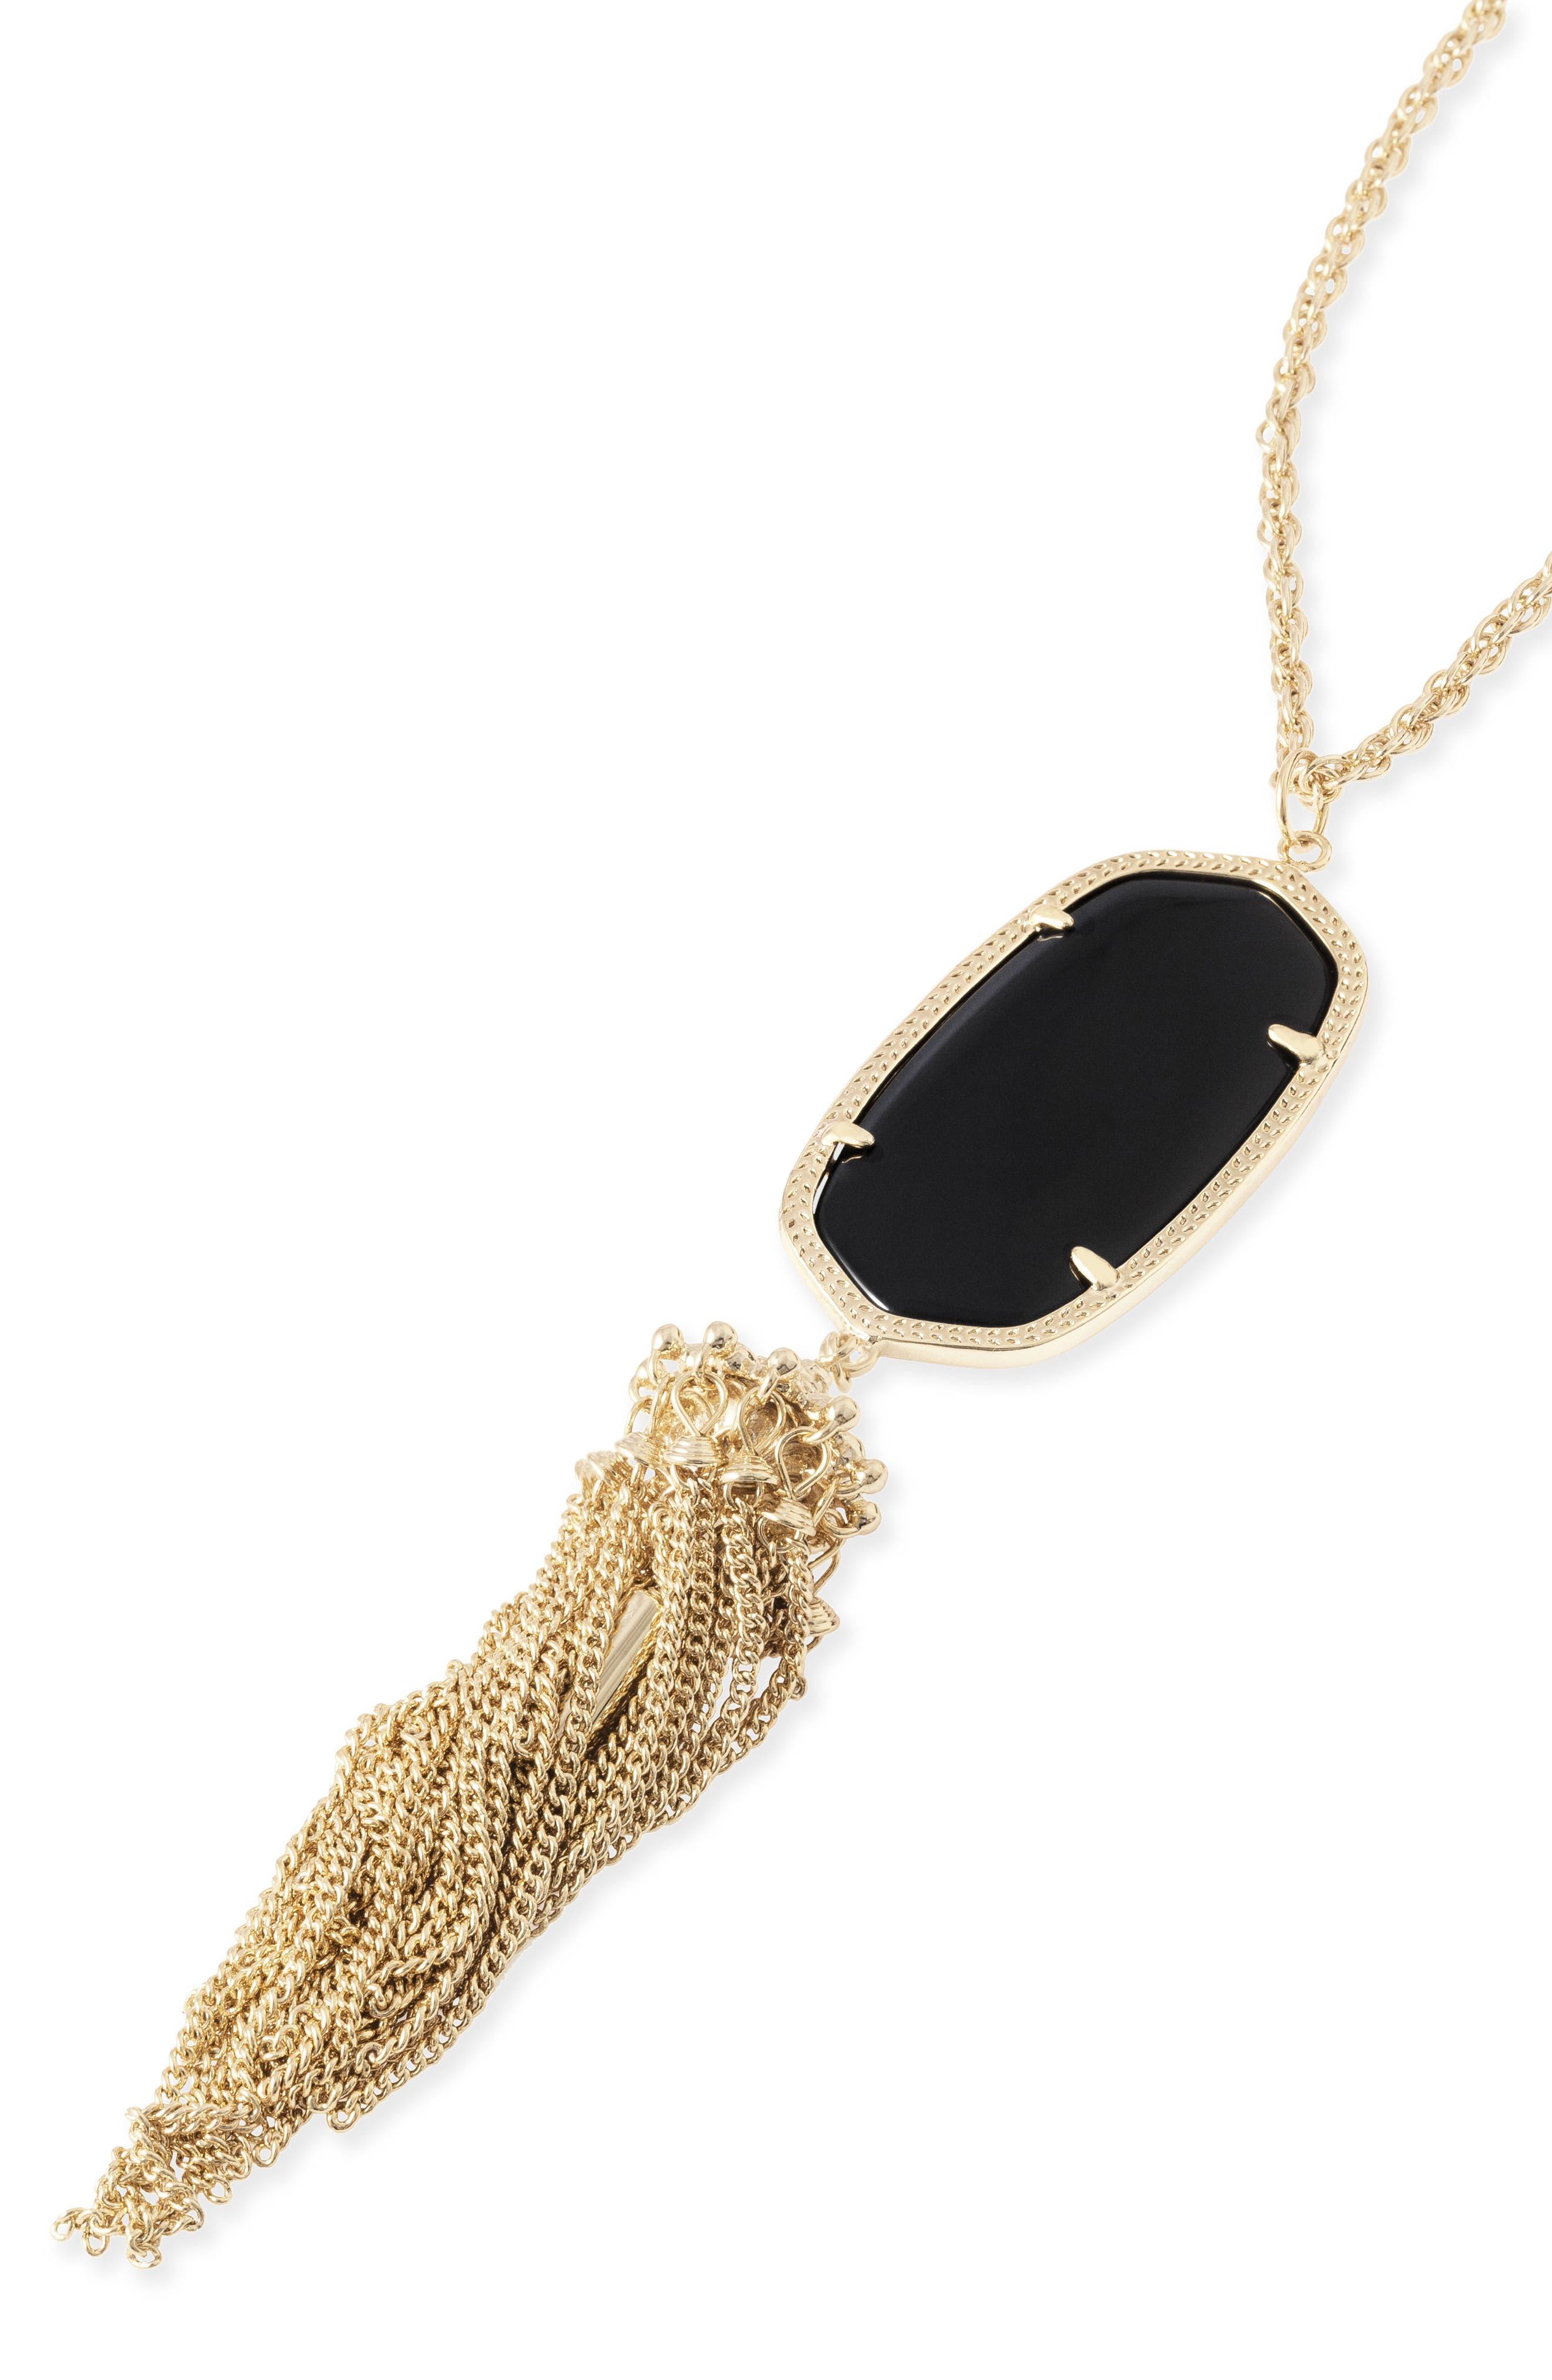 KENDRA SCOTT, Rayne Stone Tassel Pendant Necklace, Alternate thumbnail 5, color, 001